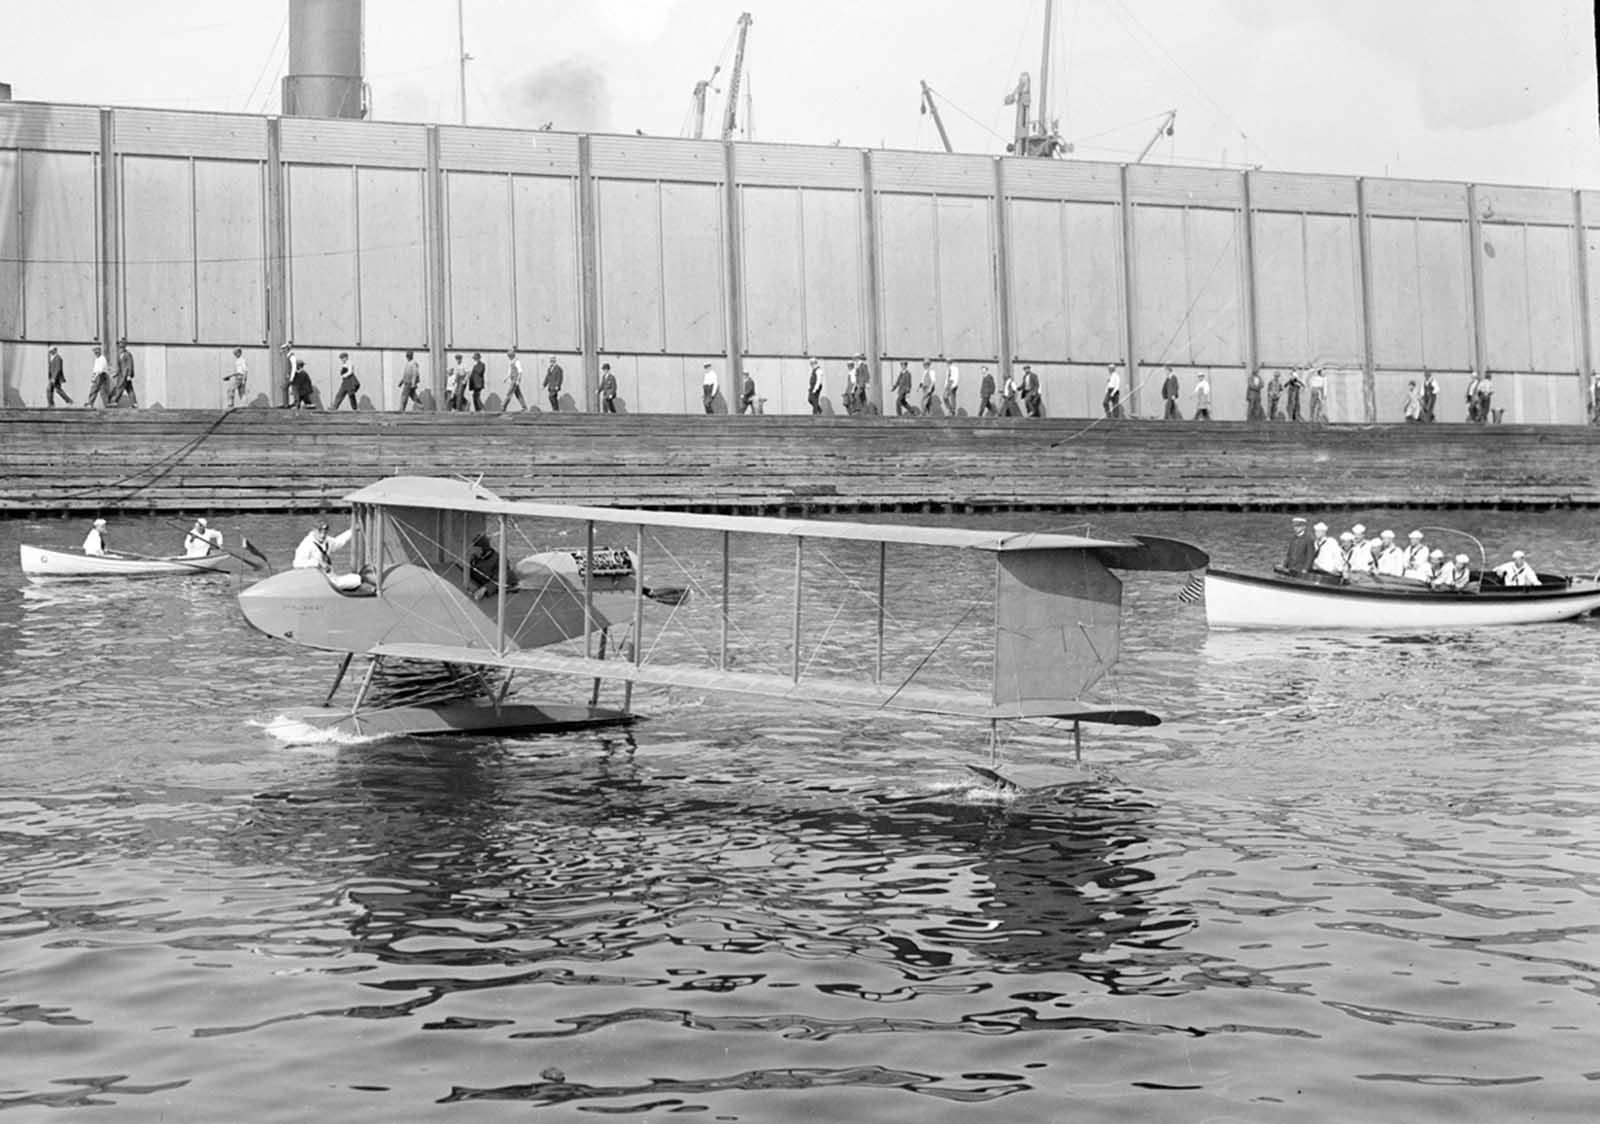 El Burgess Seaplane, una variante del Dunne D.8, un biplano sin alas de barrido, en Nueva York, está siendo utilizado por la Milicia Naval de Nueva York, ca 1918.